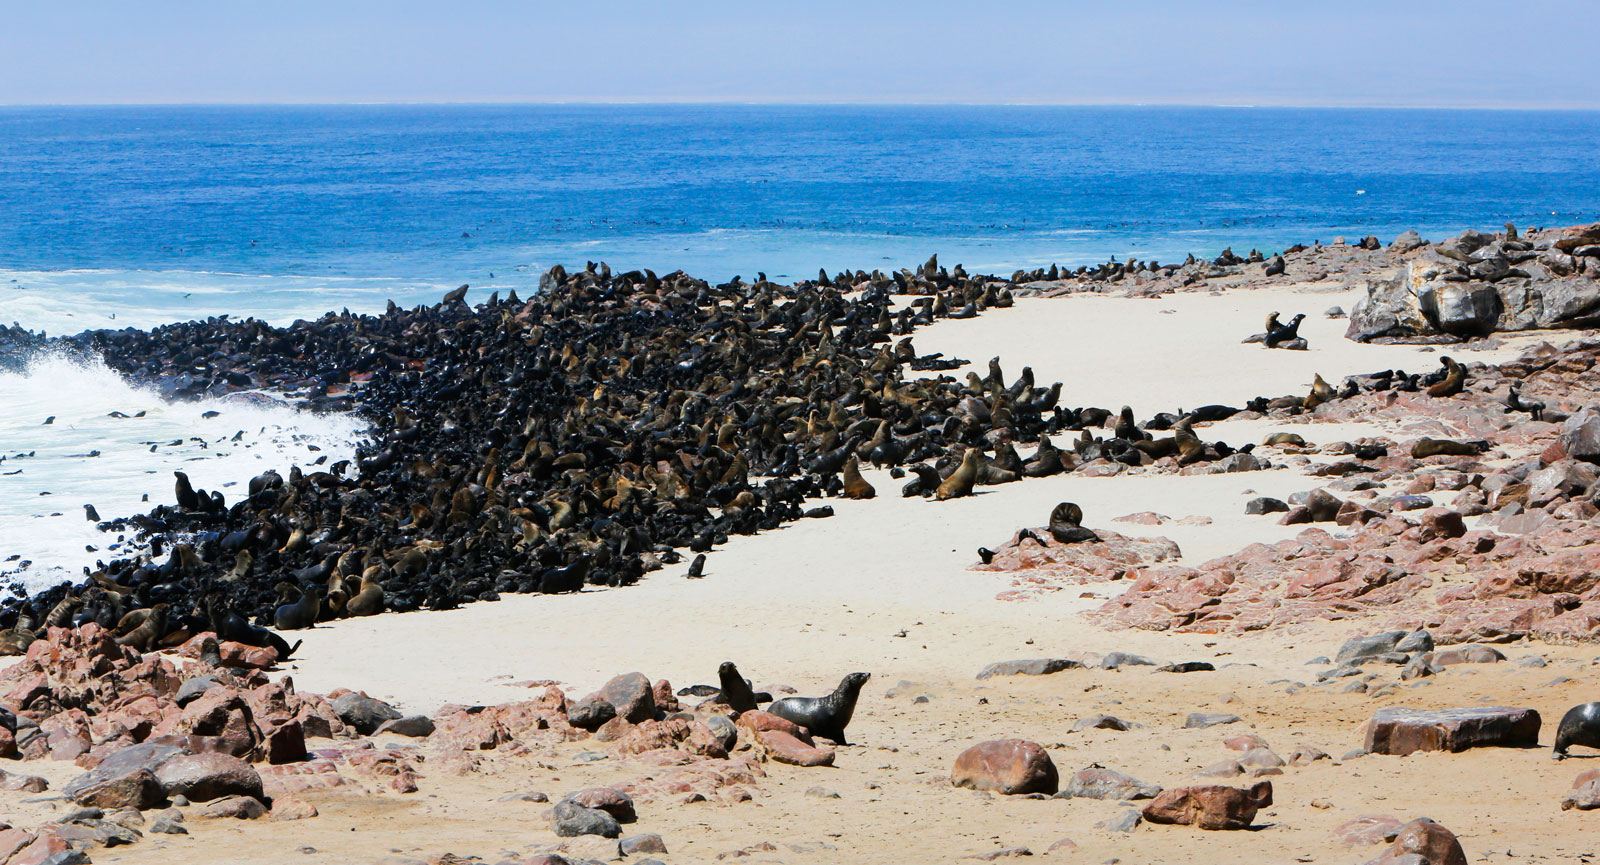 Cape Cross är ett fantastiskt landområde 12 mil norr om Swakopmund i Namibia där hundratusentals sydafrikanska pälssälar (Cape Fur Seal) går iland och föder sina ungar. Stanken är vidrig men synen imponerande.